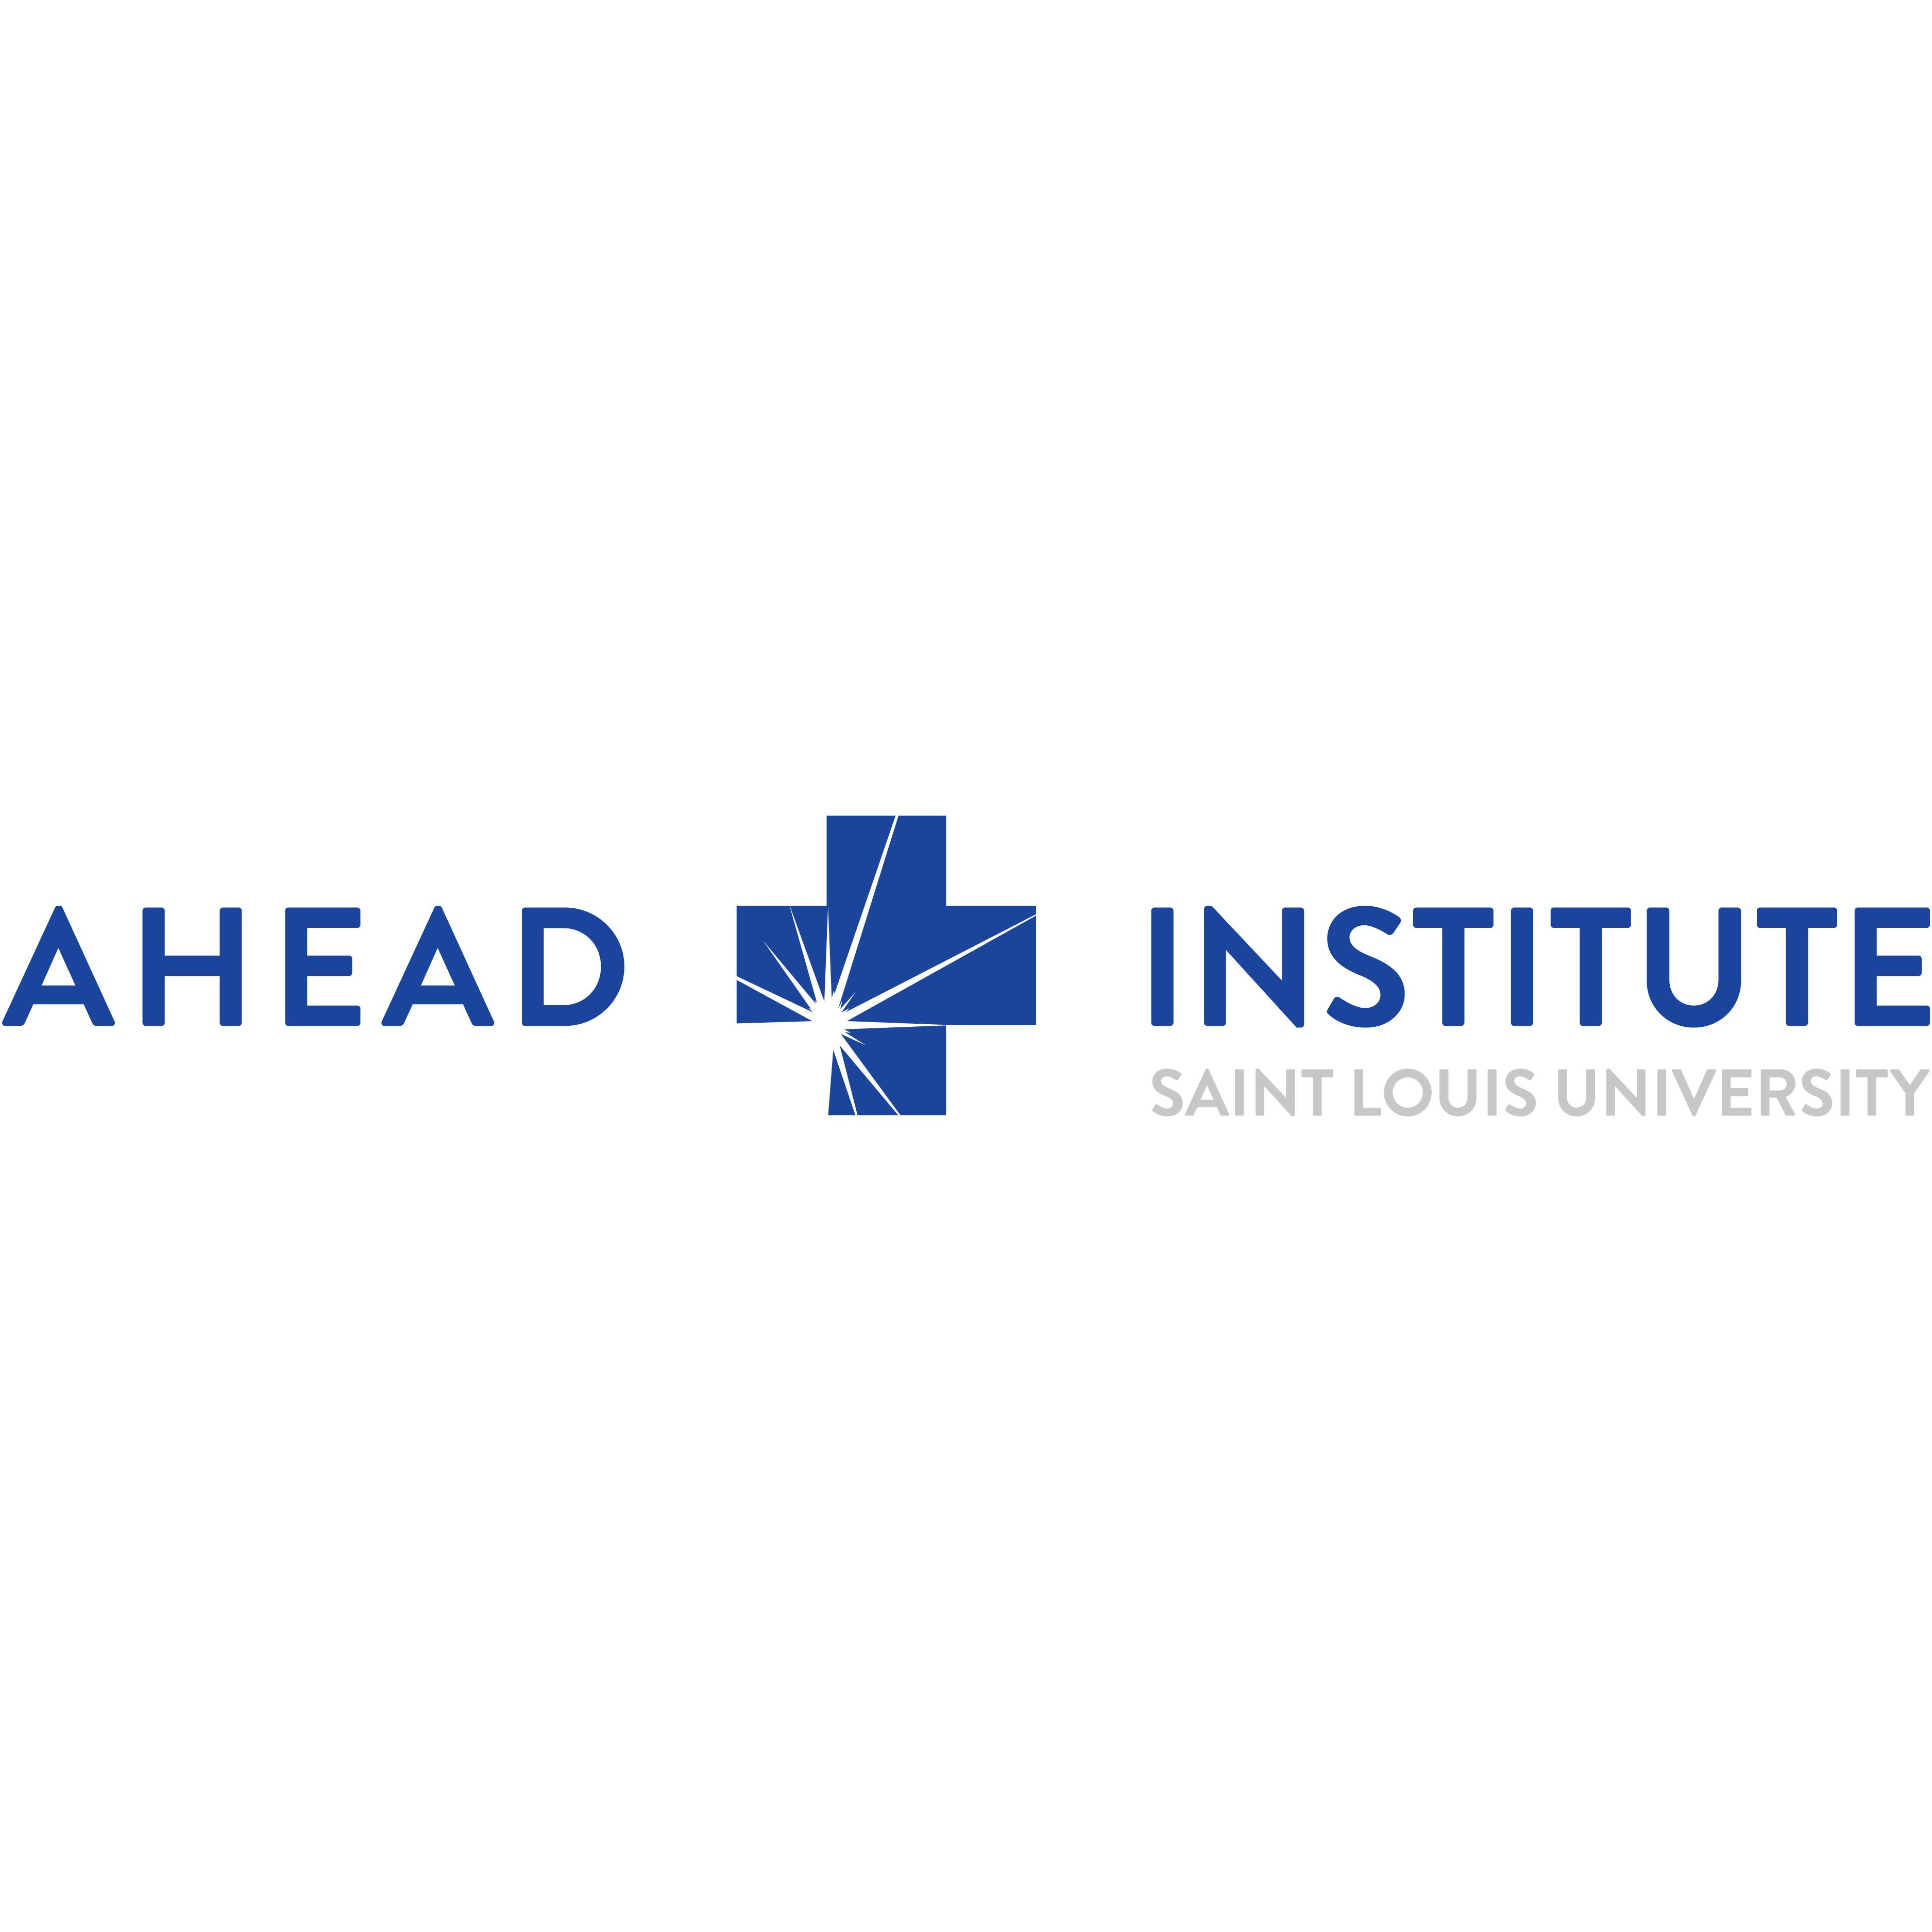 SLU AHEAD Logo 1